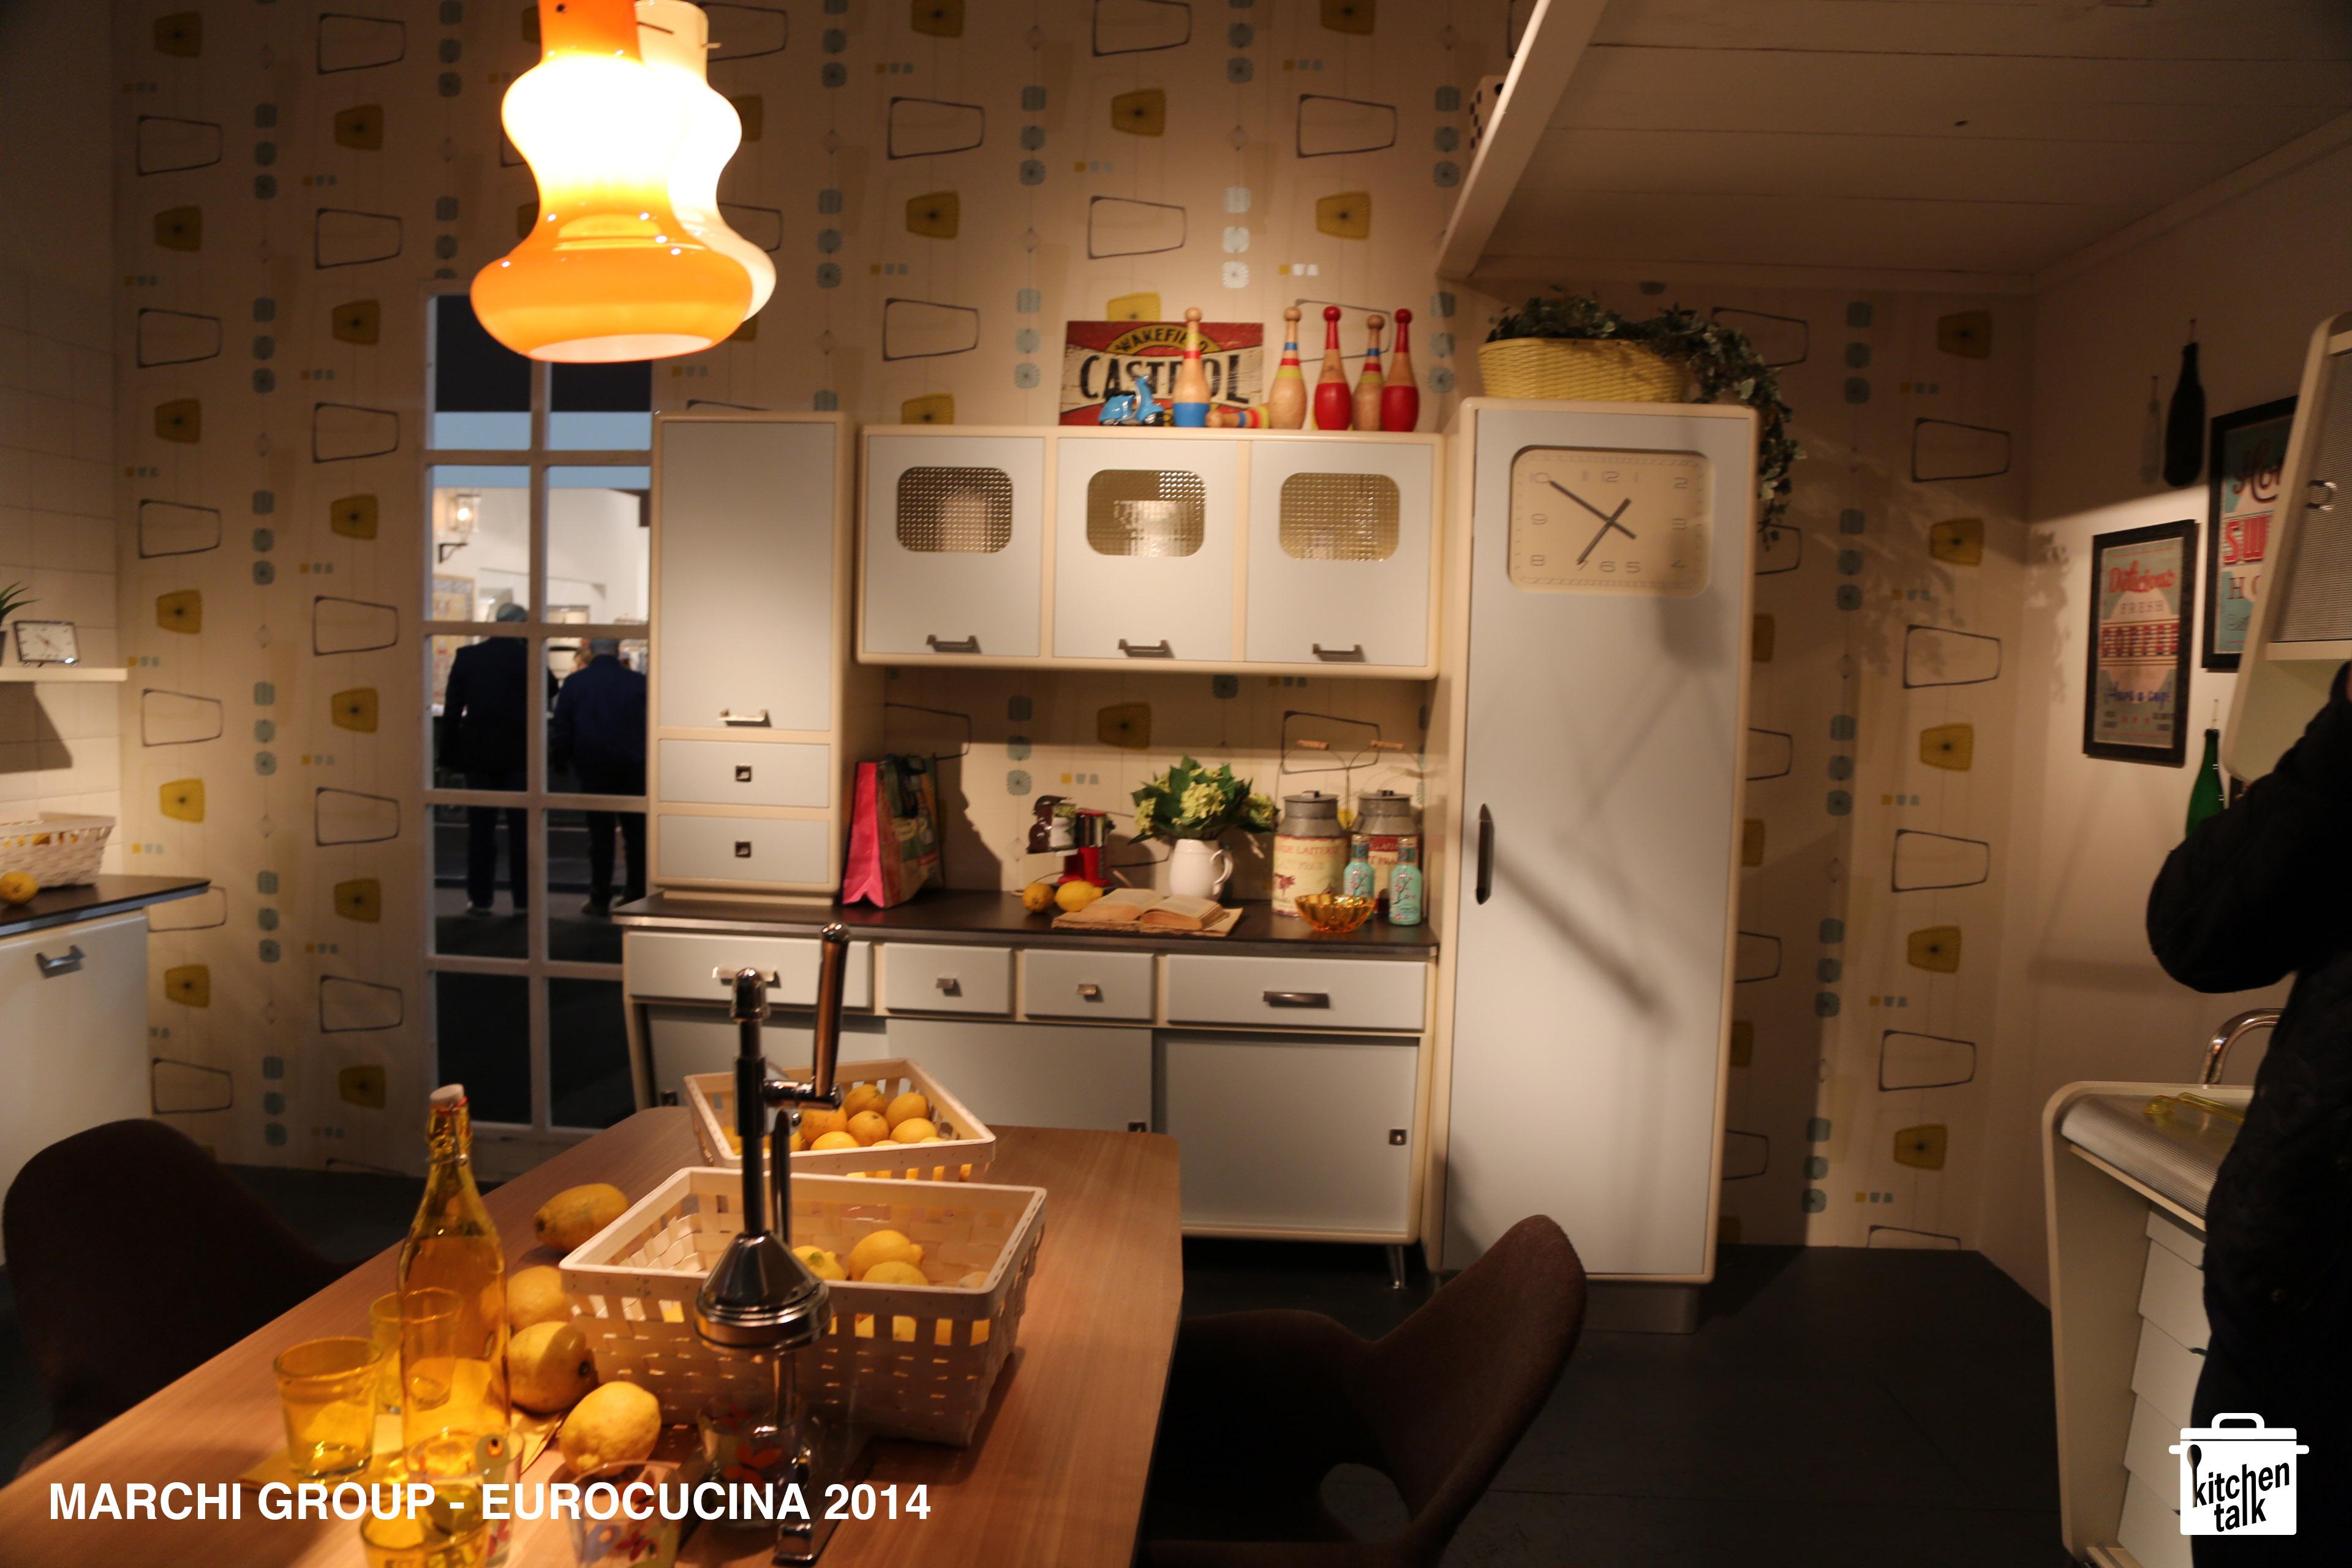 marchi cuisine simple elegant excellent beautiful cuisine vintage loft de marchi pictures to. Black Bedroom Furniture Sets. Home Design Ideas